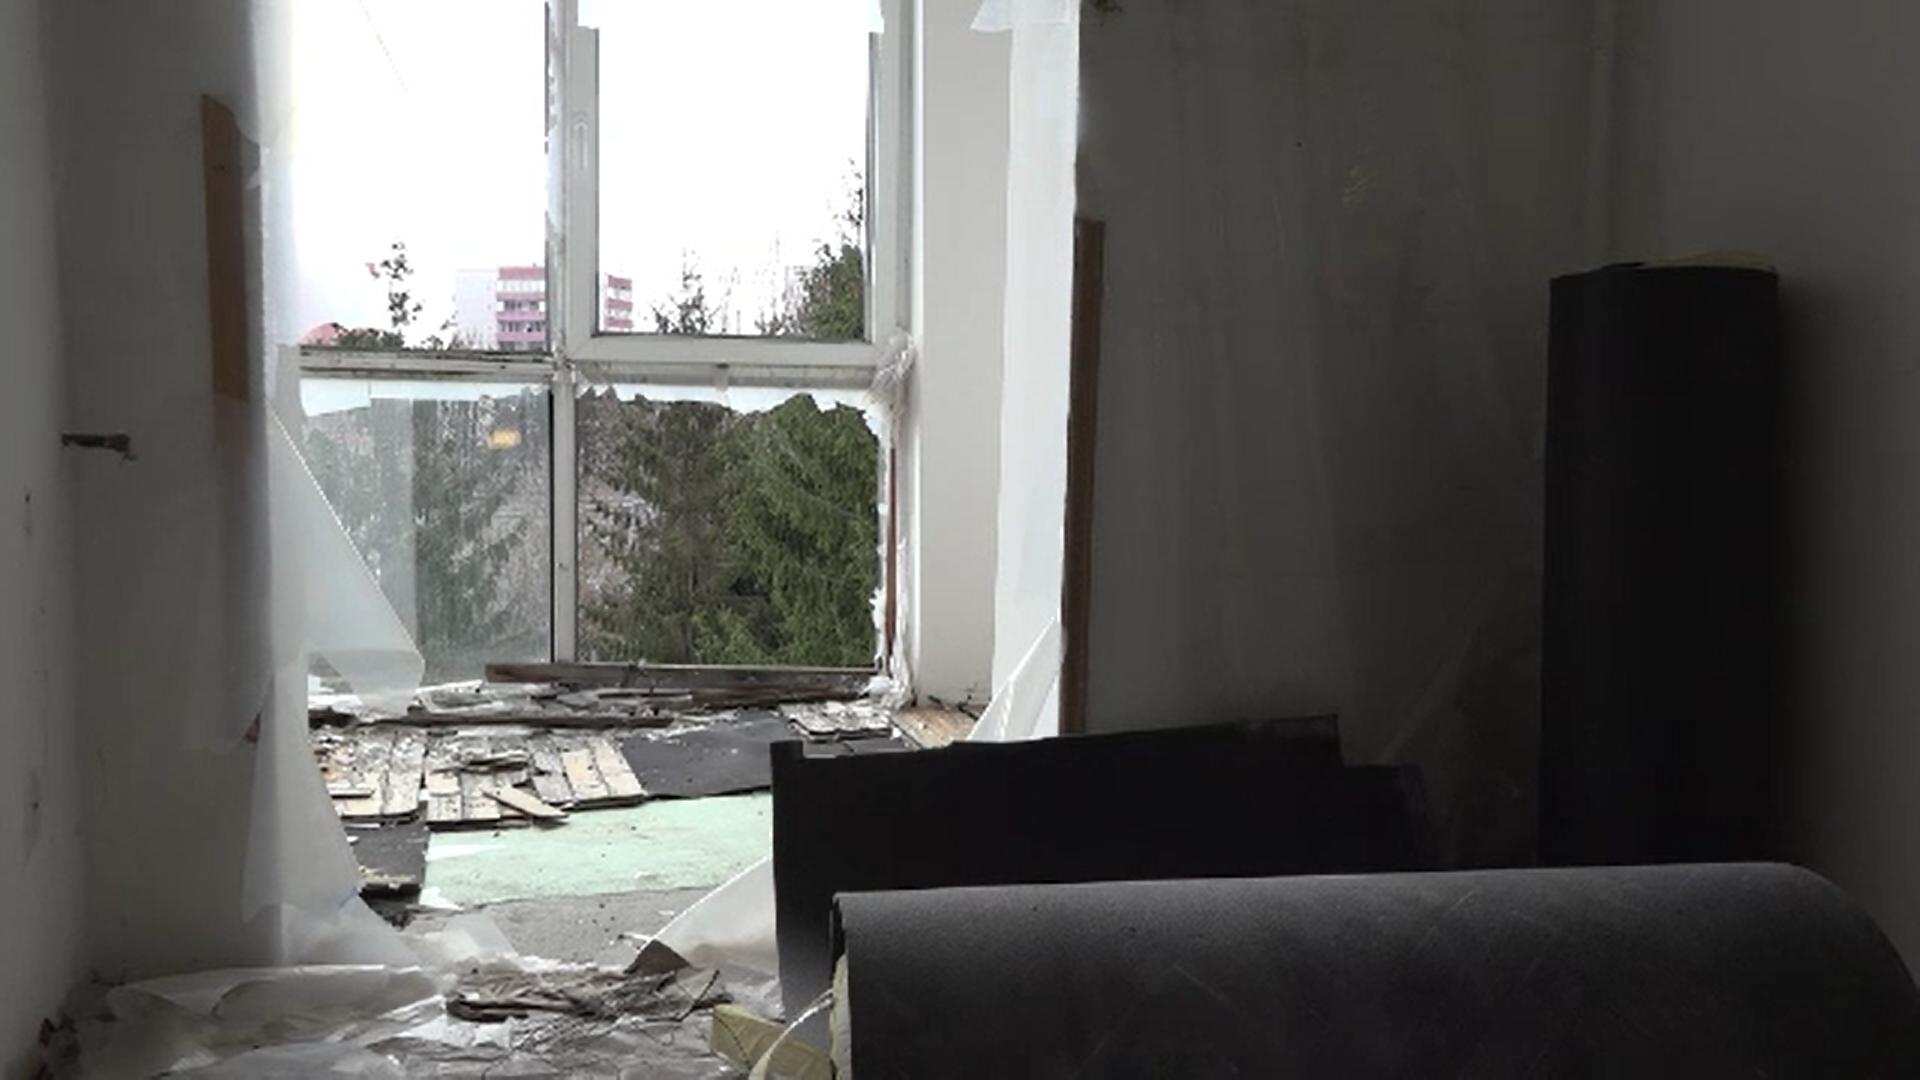 Își caută dreptatea de 6 ani după ce apartamentele le-au fost distruse de o explozie. Între timp au fost invadate de porumbei